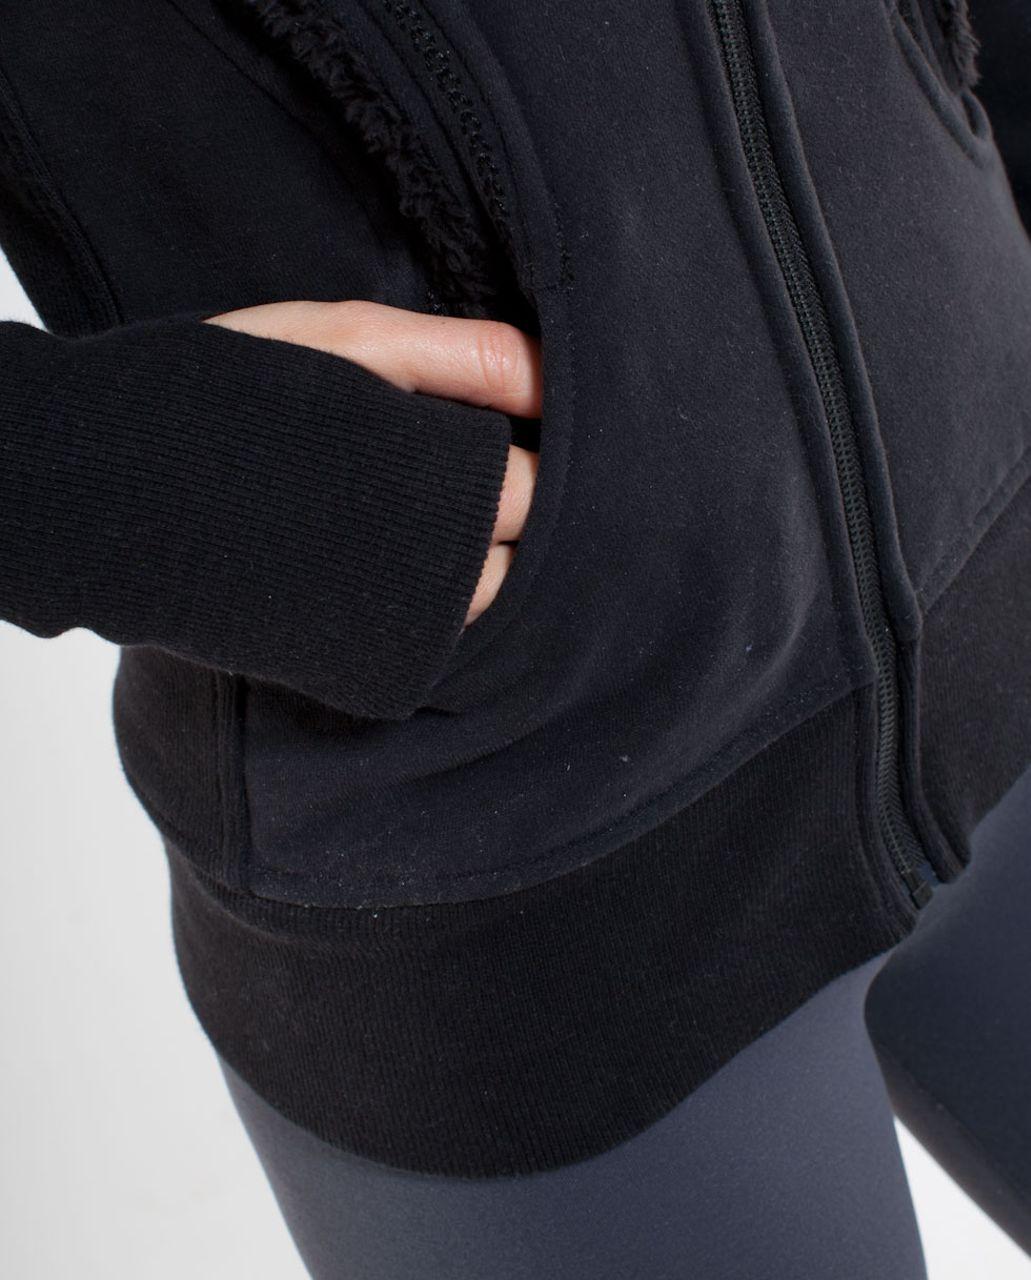 Lululemon Cuddle Up Jacket - Black